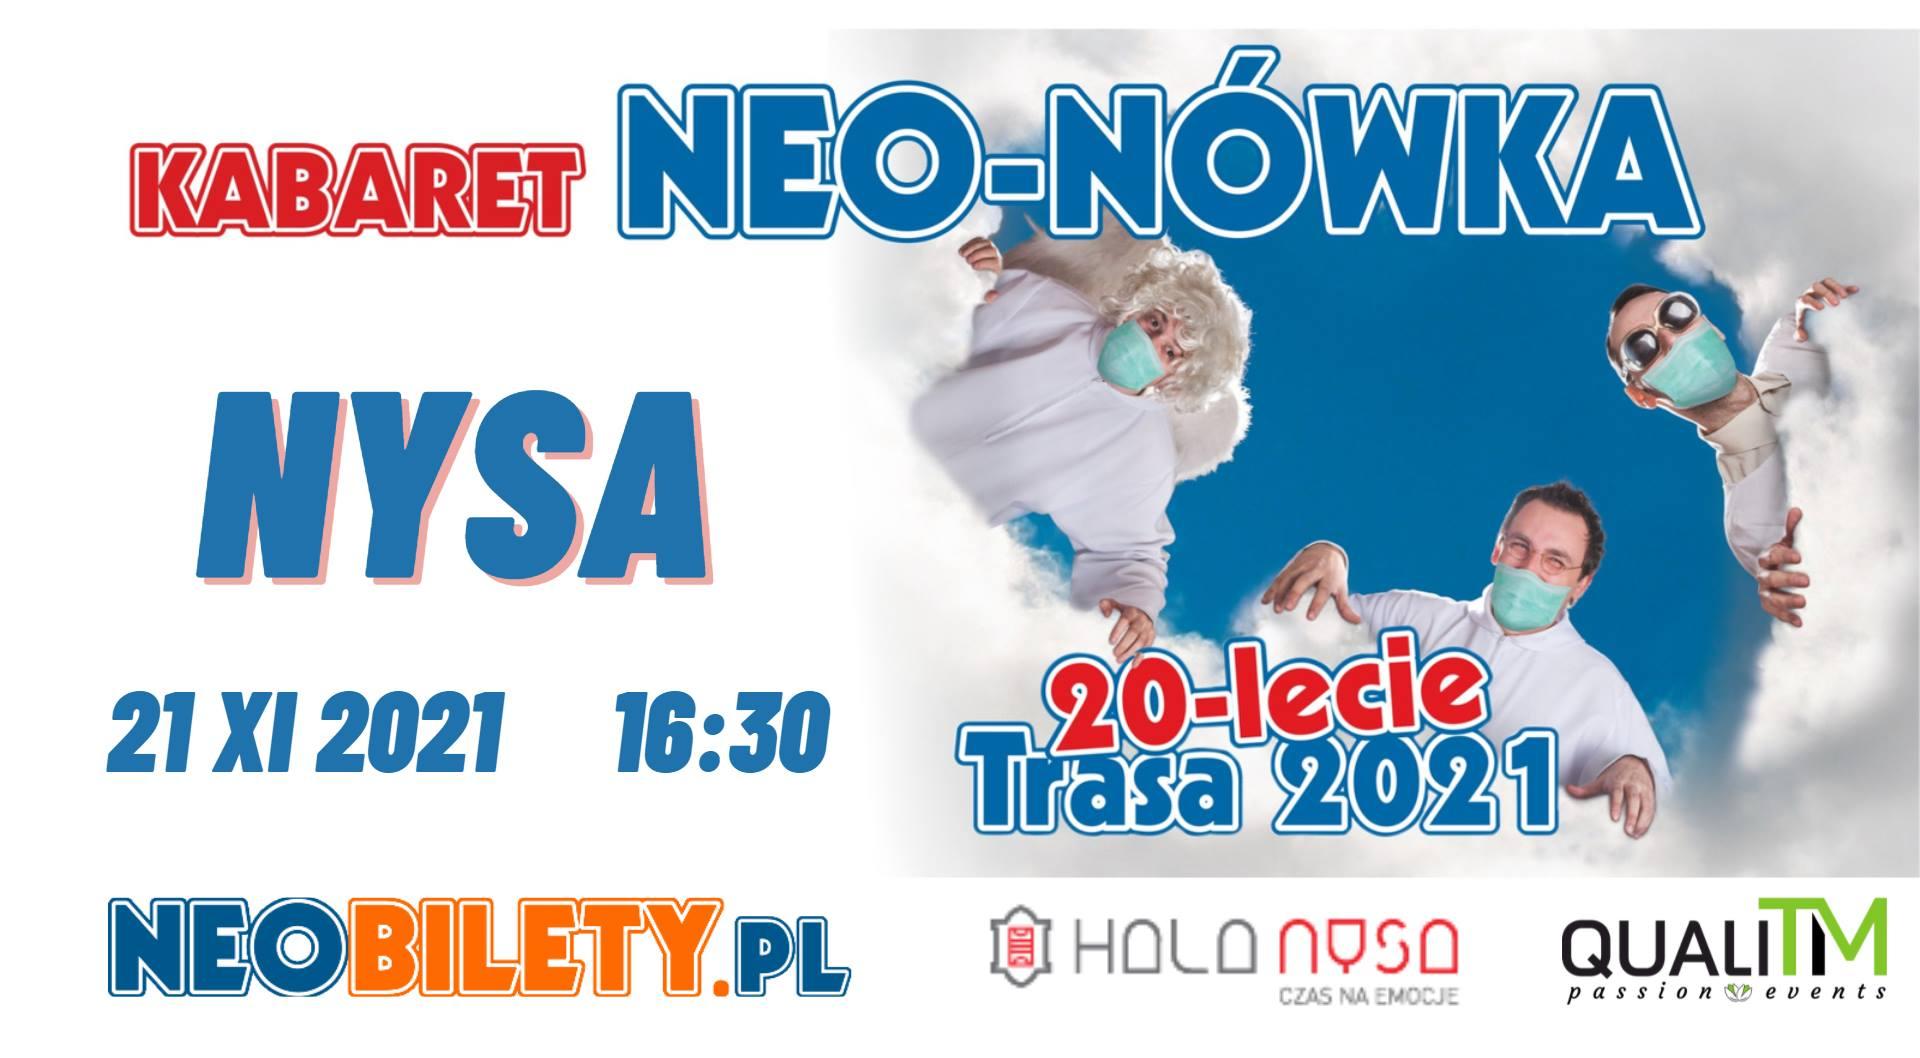 Neo-Nówka w Hali Nysa